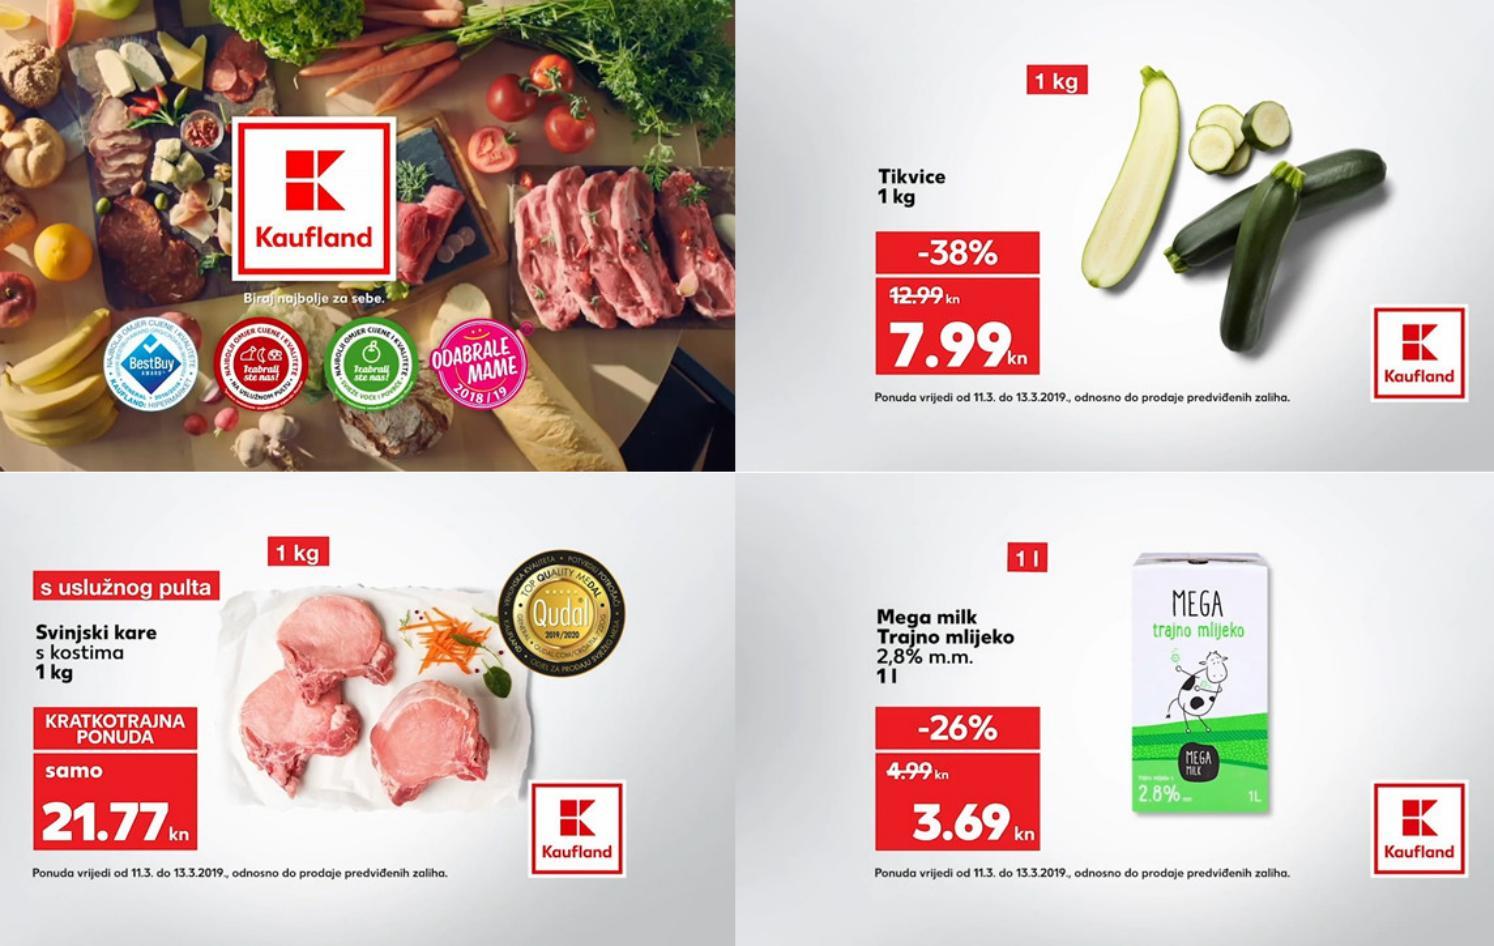 Kaufland vam donosi nova sniženja za početak tjedna od 11.- 13.03.2019. u svim Kaufland supermarketima.